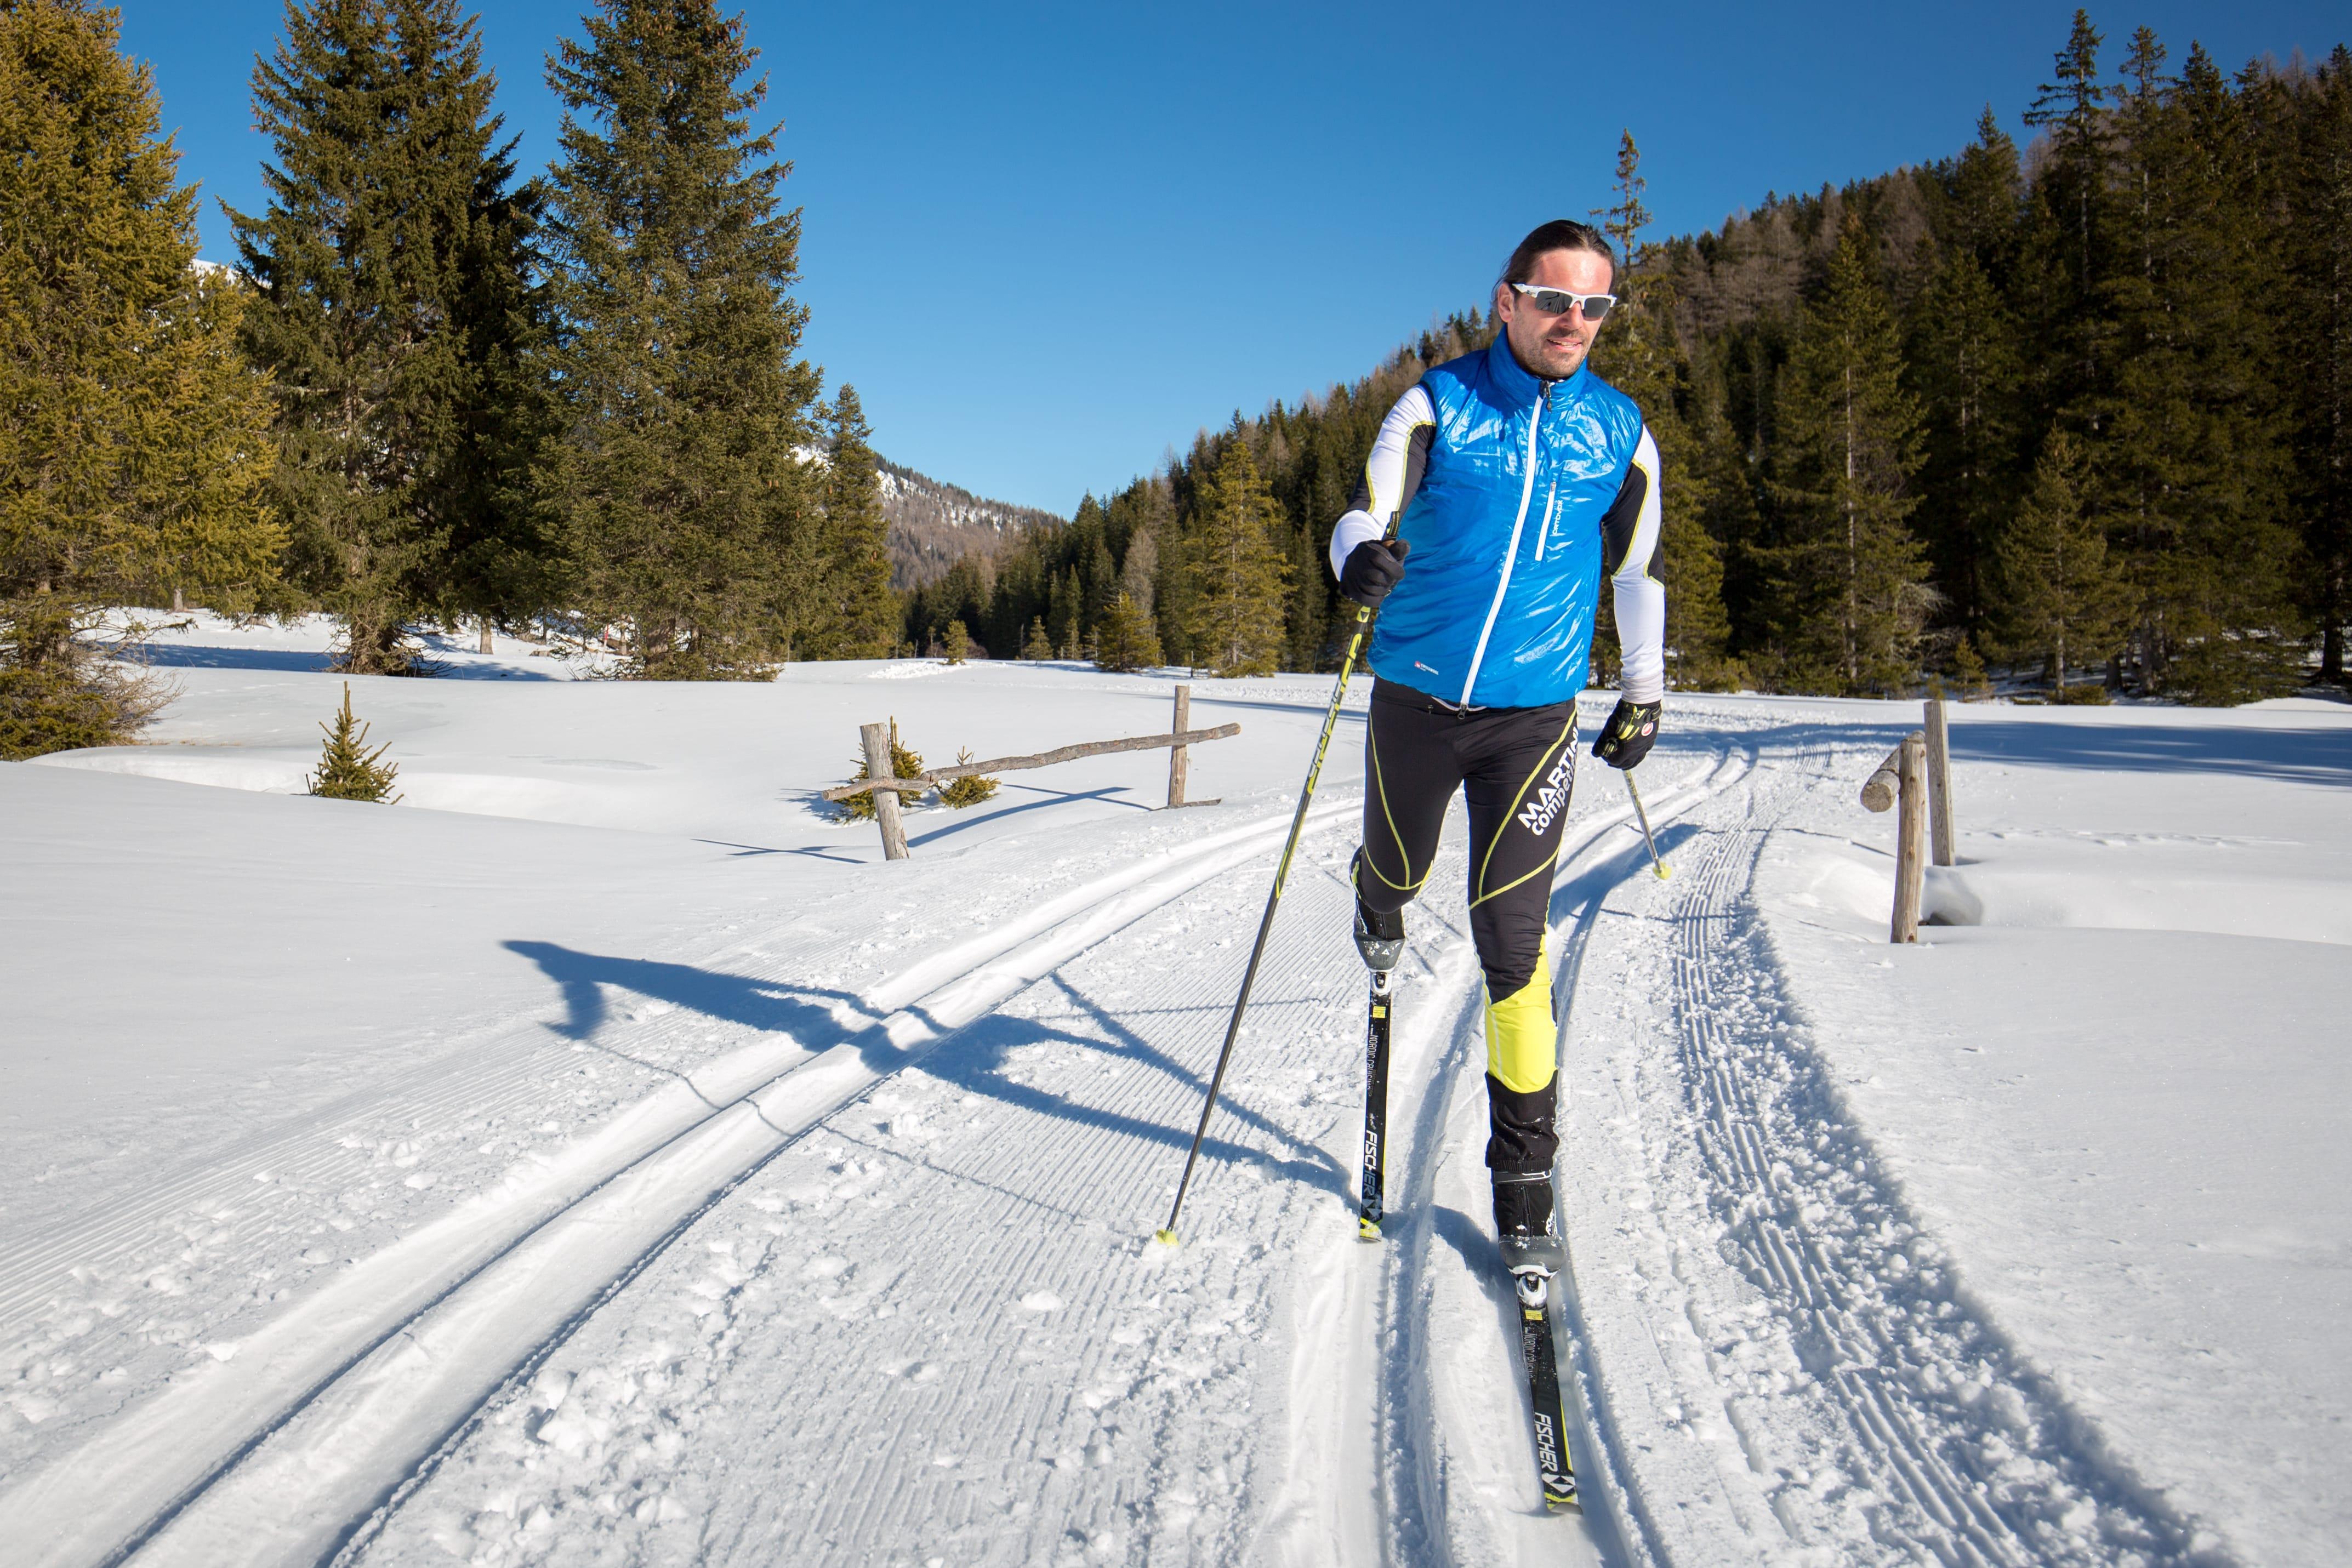 Mann beim klassischen Langlaufen auf perfekt präparierter Loipe durch die wunderschöne Landschaft der Ferienregion Lungau im Salzburger Land.